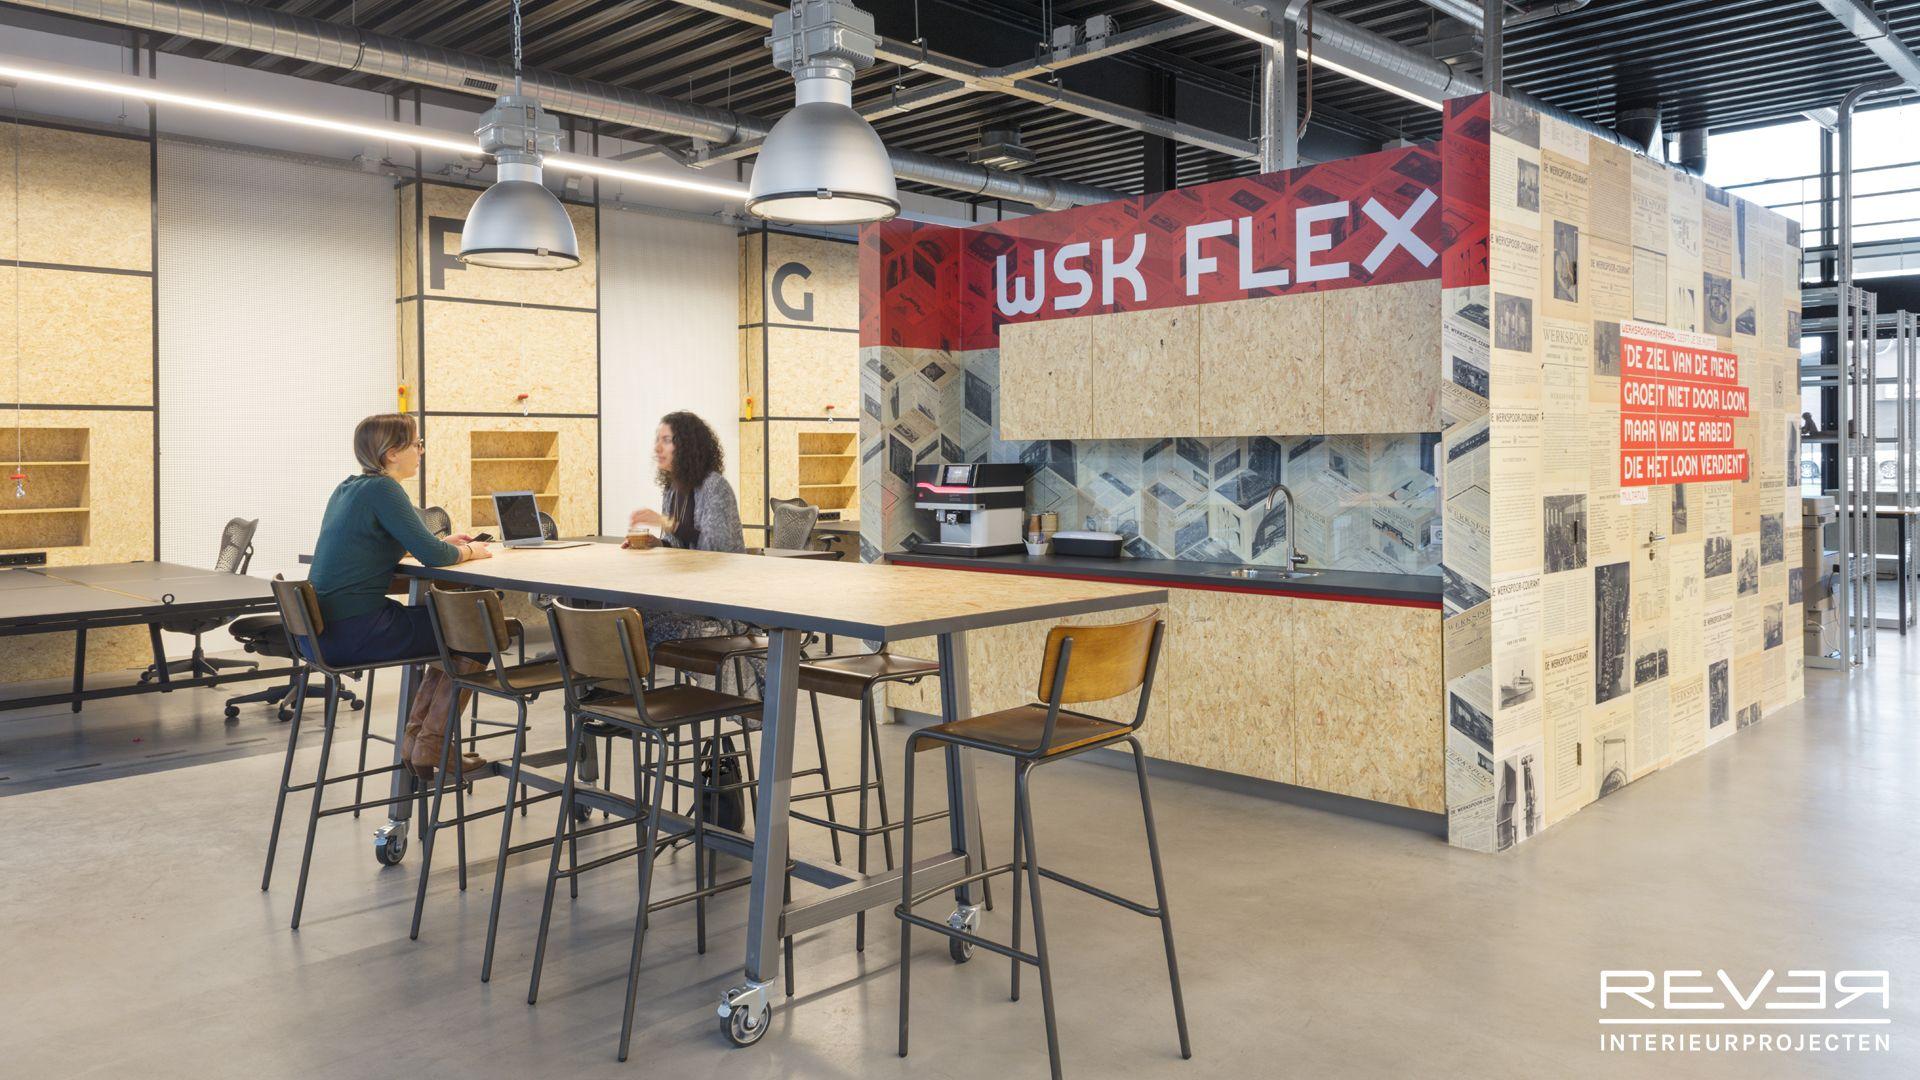 Studio E in de Werkspoorkathedraal. Ontwerp & realisatie door Rever Interieurprojecten. #flexwerken #industrieel #interieur #pantry #interior #interiorinspiration #flexworking